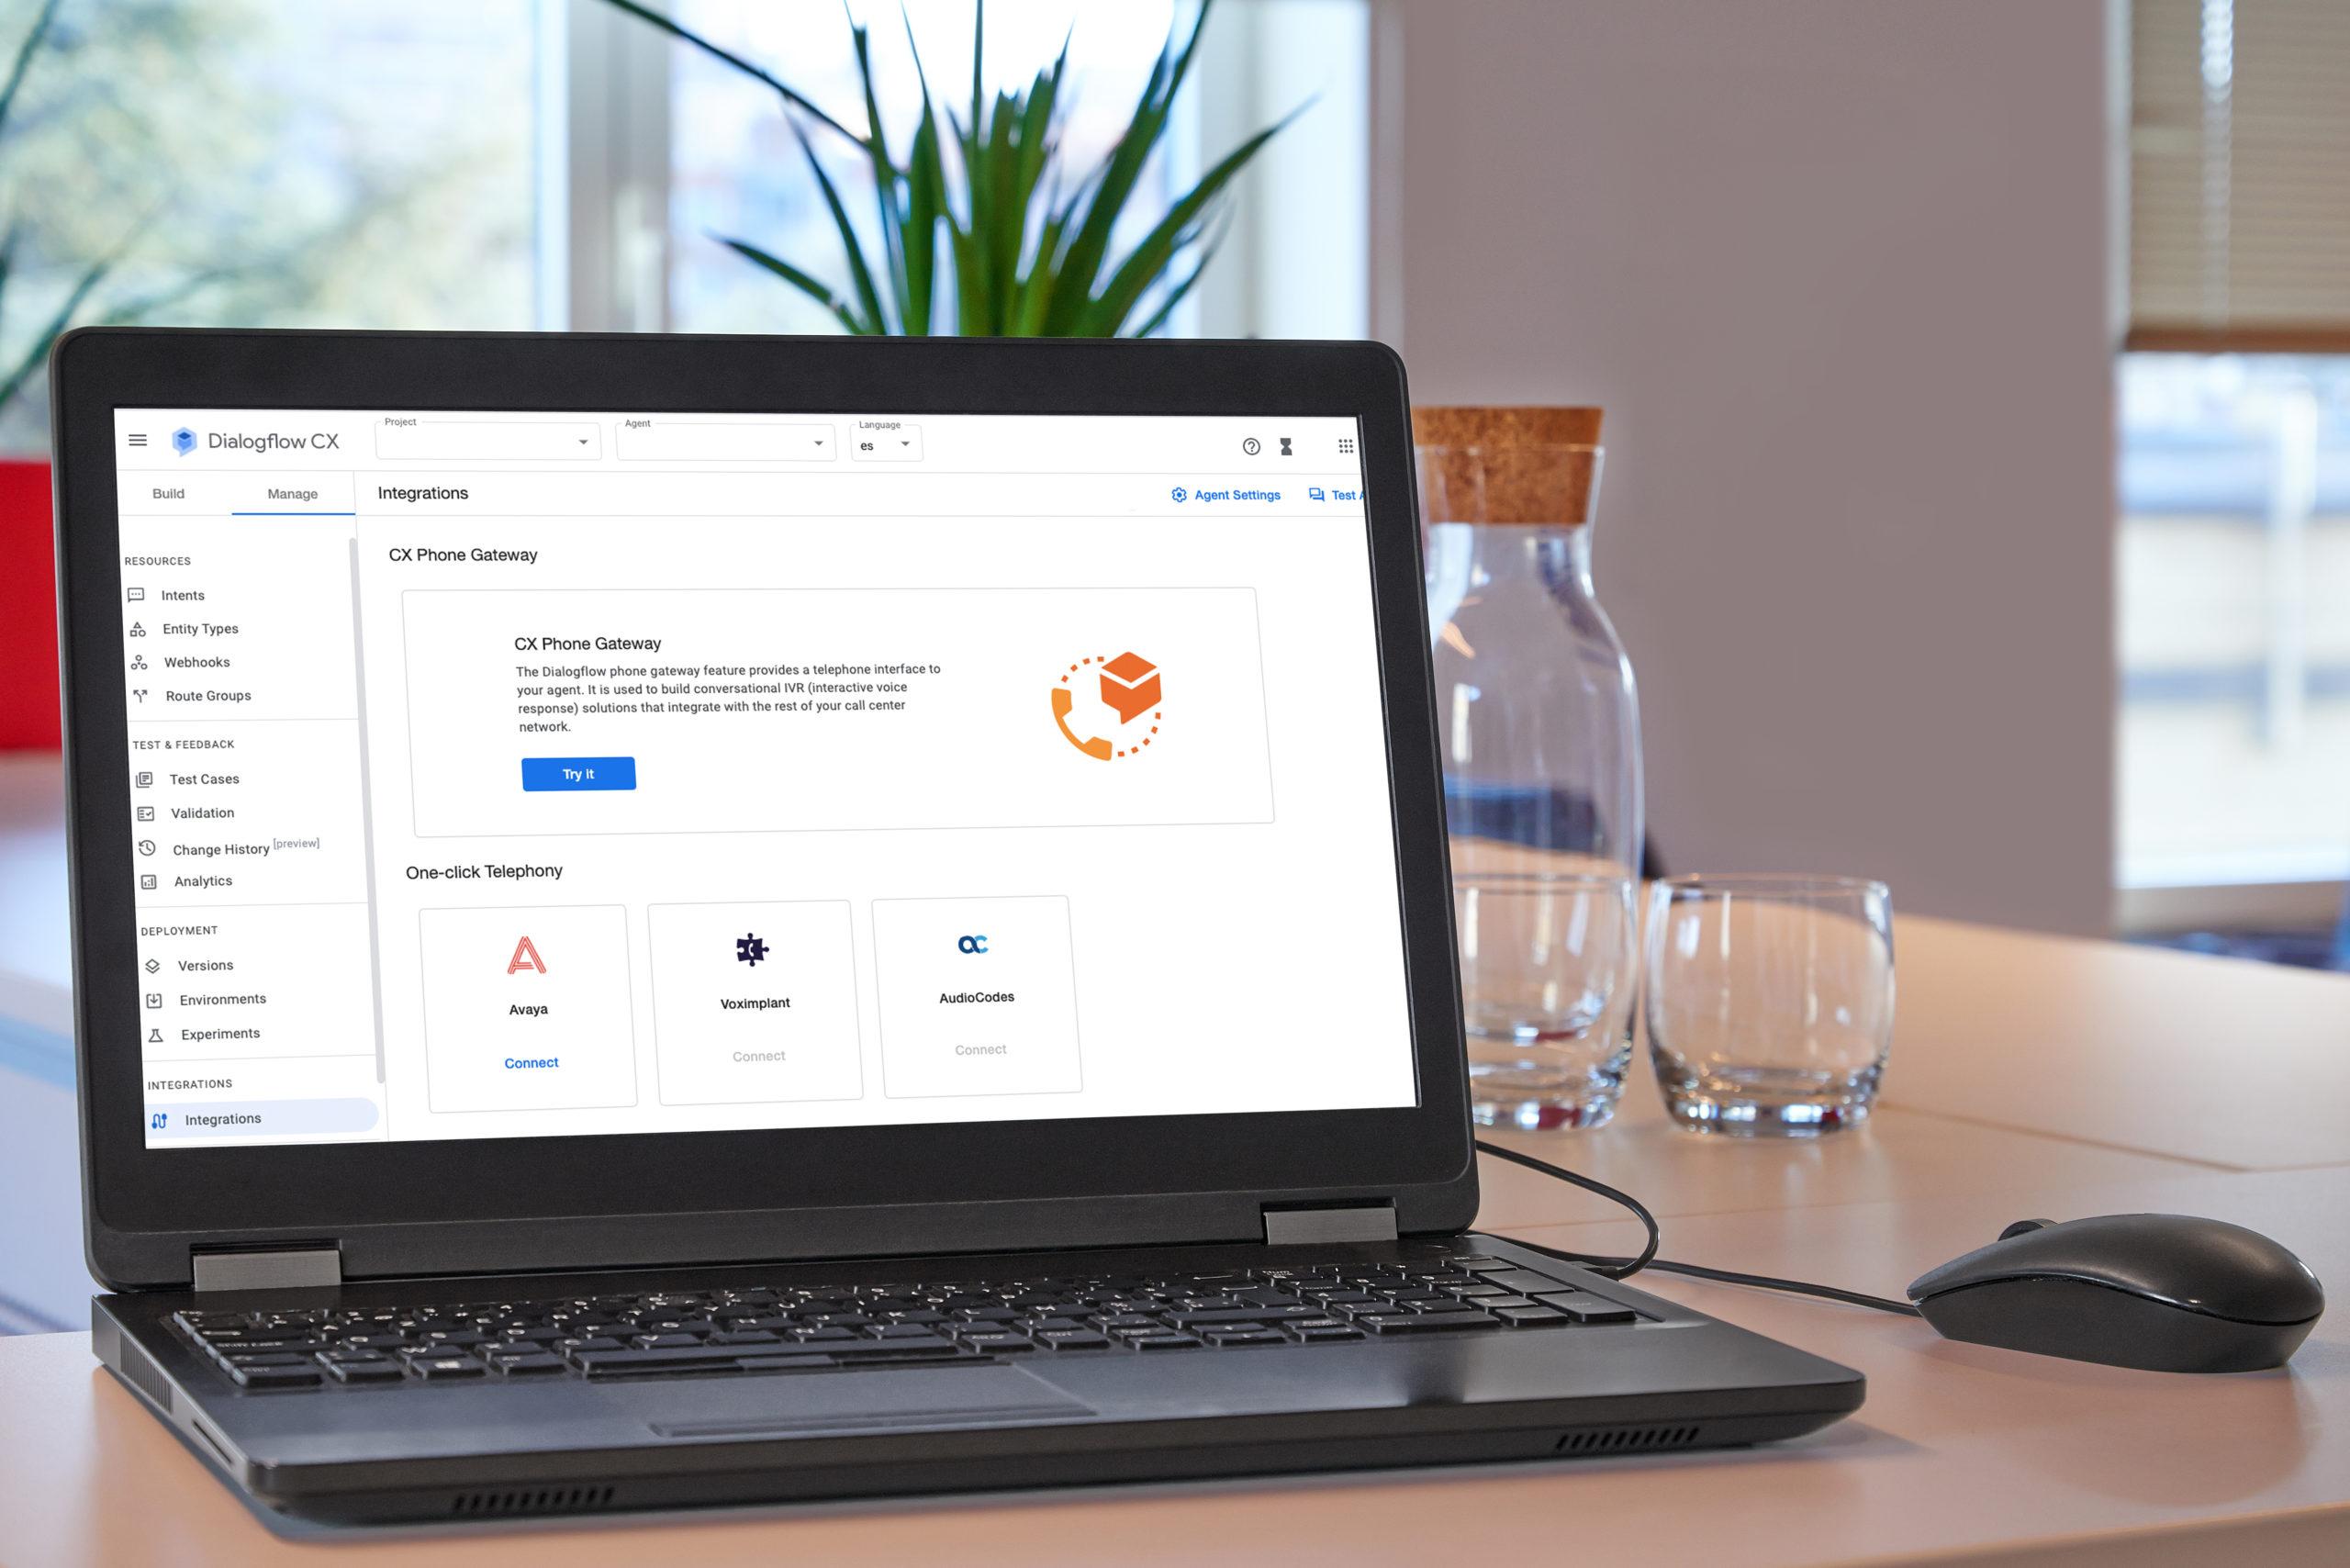 integración phone Gateway en Dialogflow CX